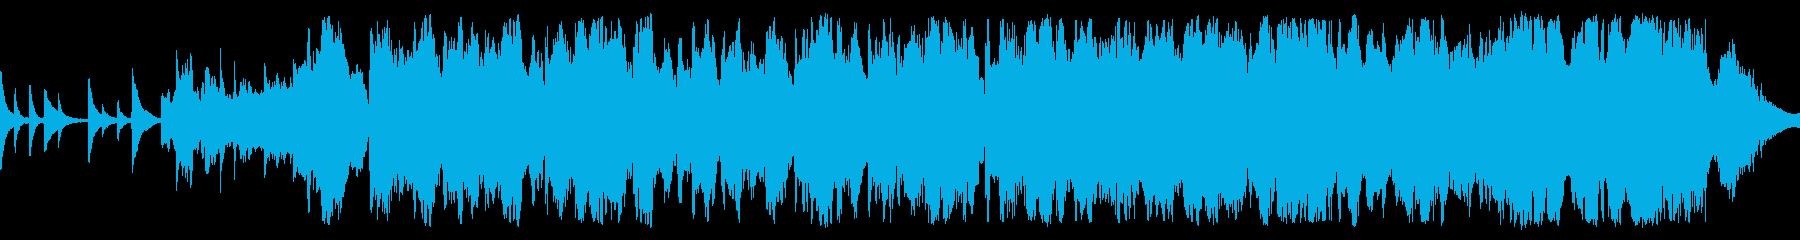 センチメンタルな秋のバラード ループ仕様の再生済みの波形